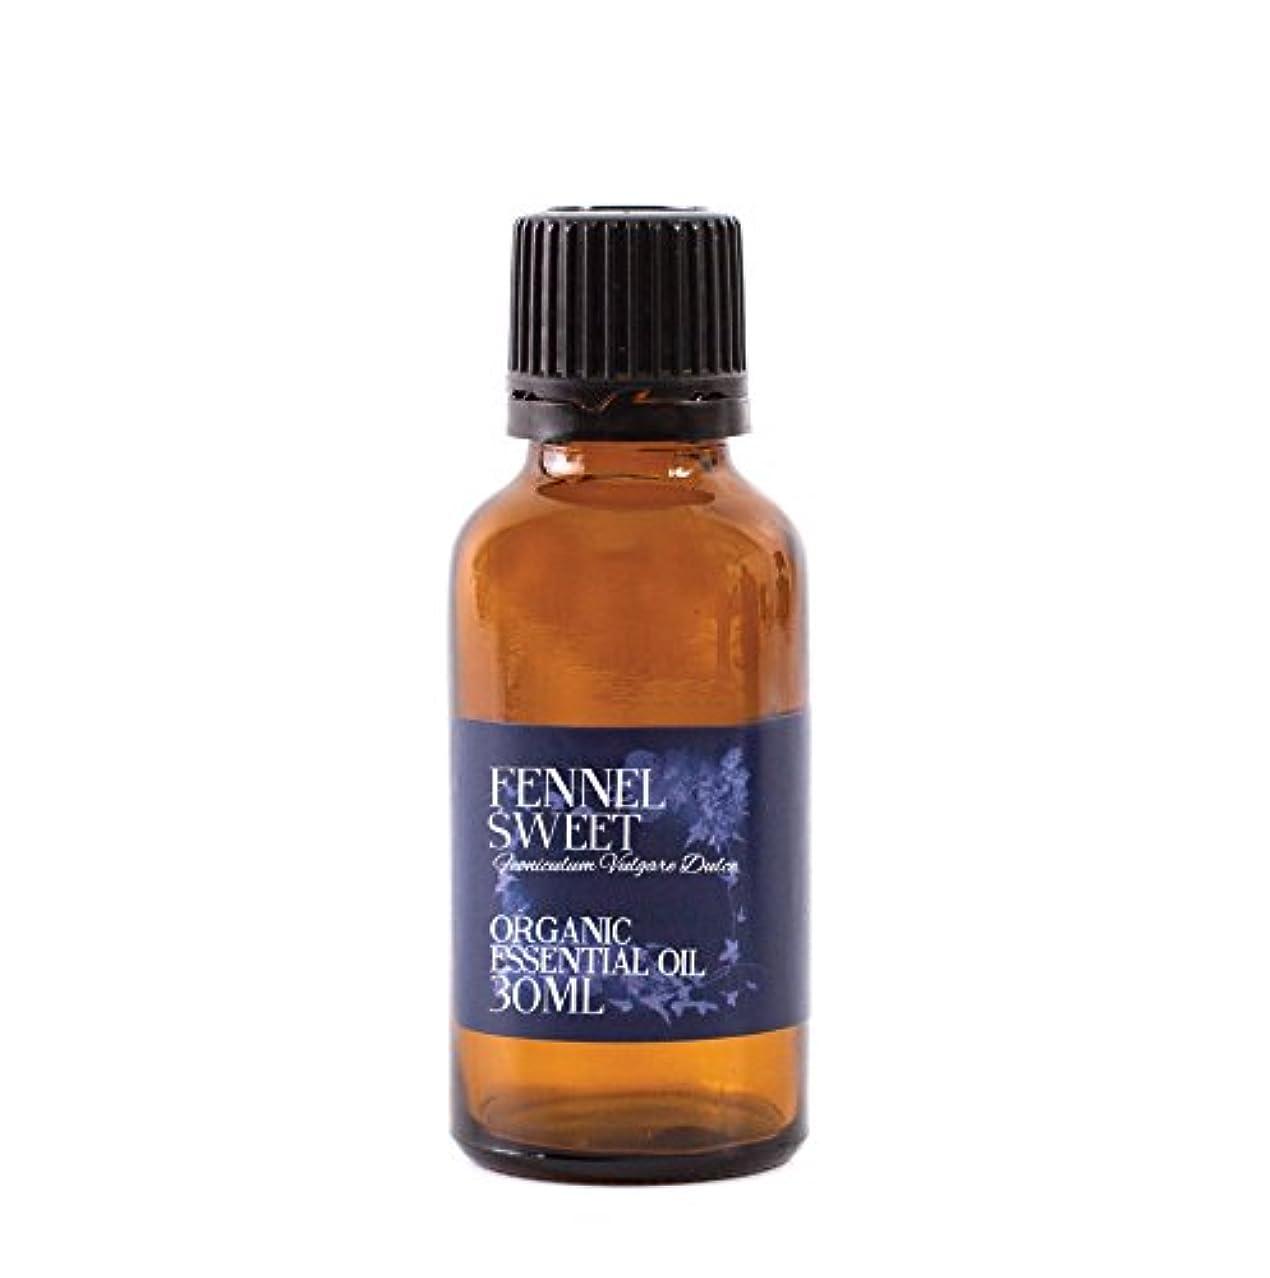 肺寄生虫病Mystic Moments | Fennel Sweet Organic Essential Oil - 30ml - 100% Pure